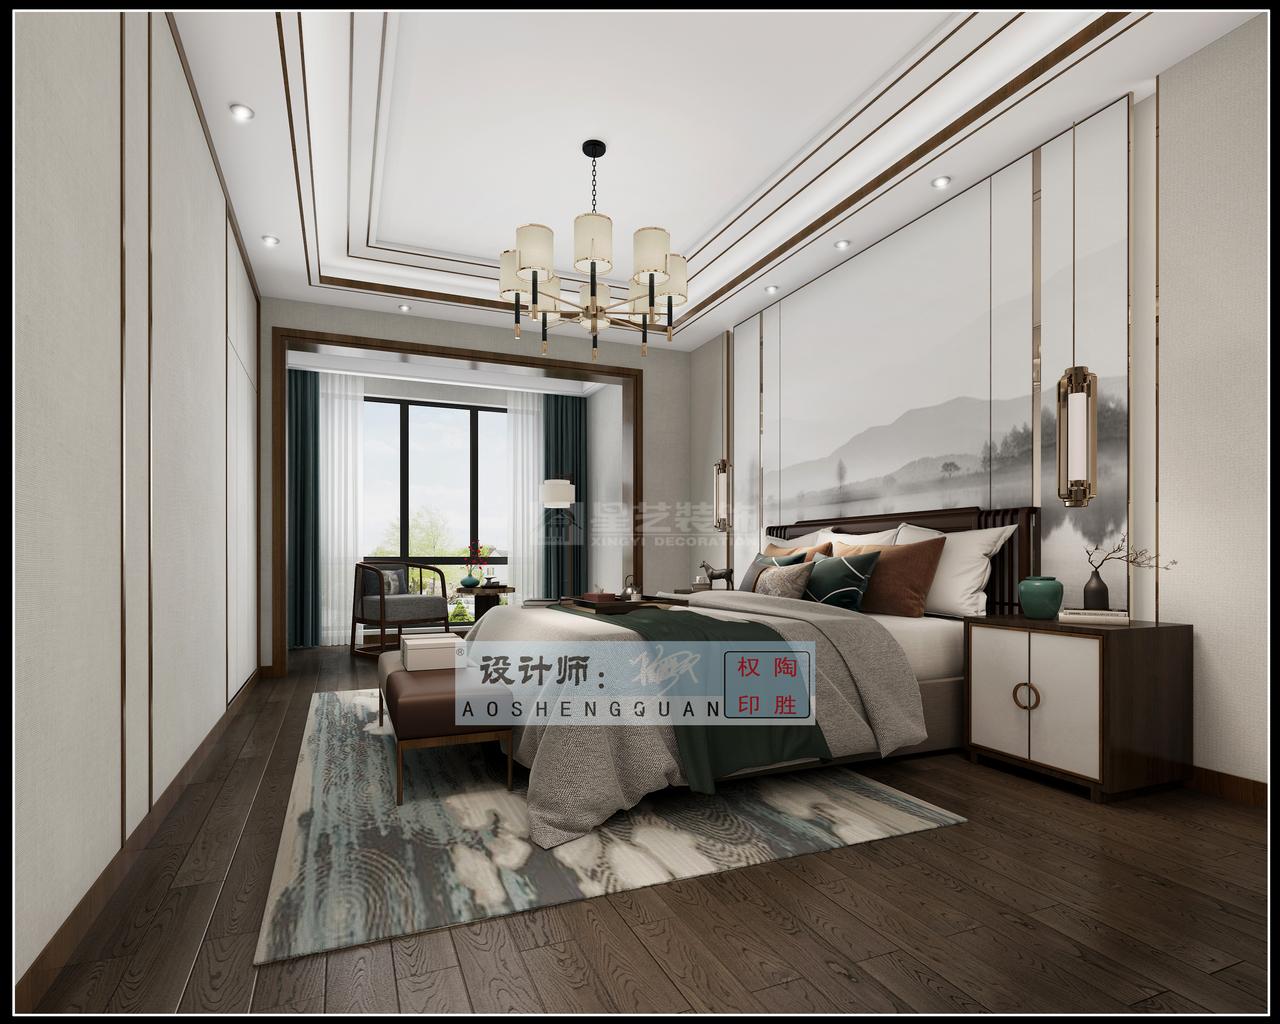 贵阳美的林城时代新中式与轻奢风的巧妙碰撞的现代中式风格,彰显永恒美感!